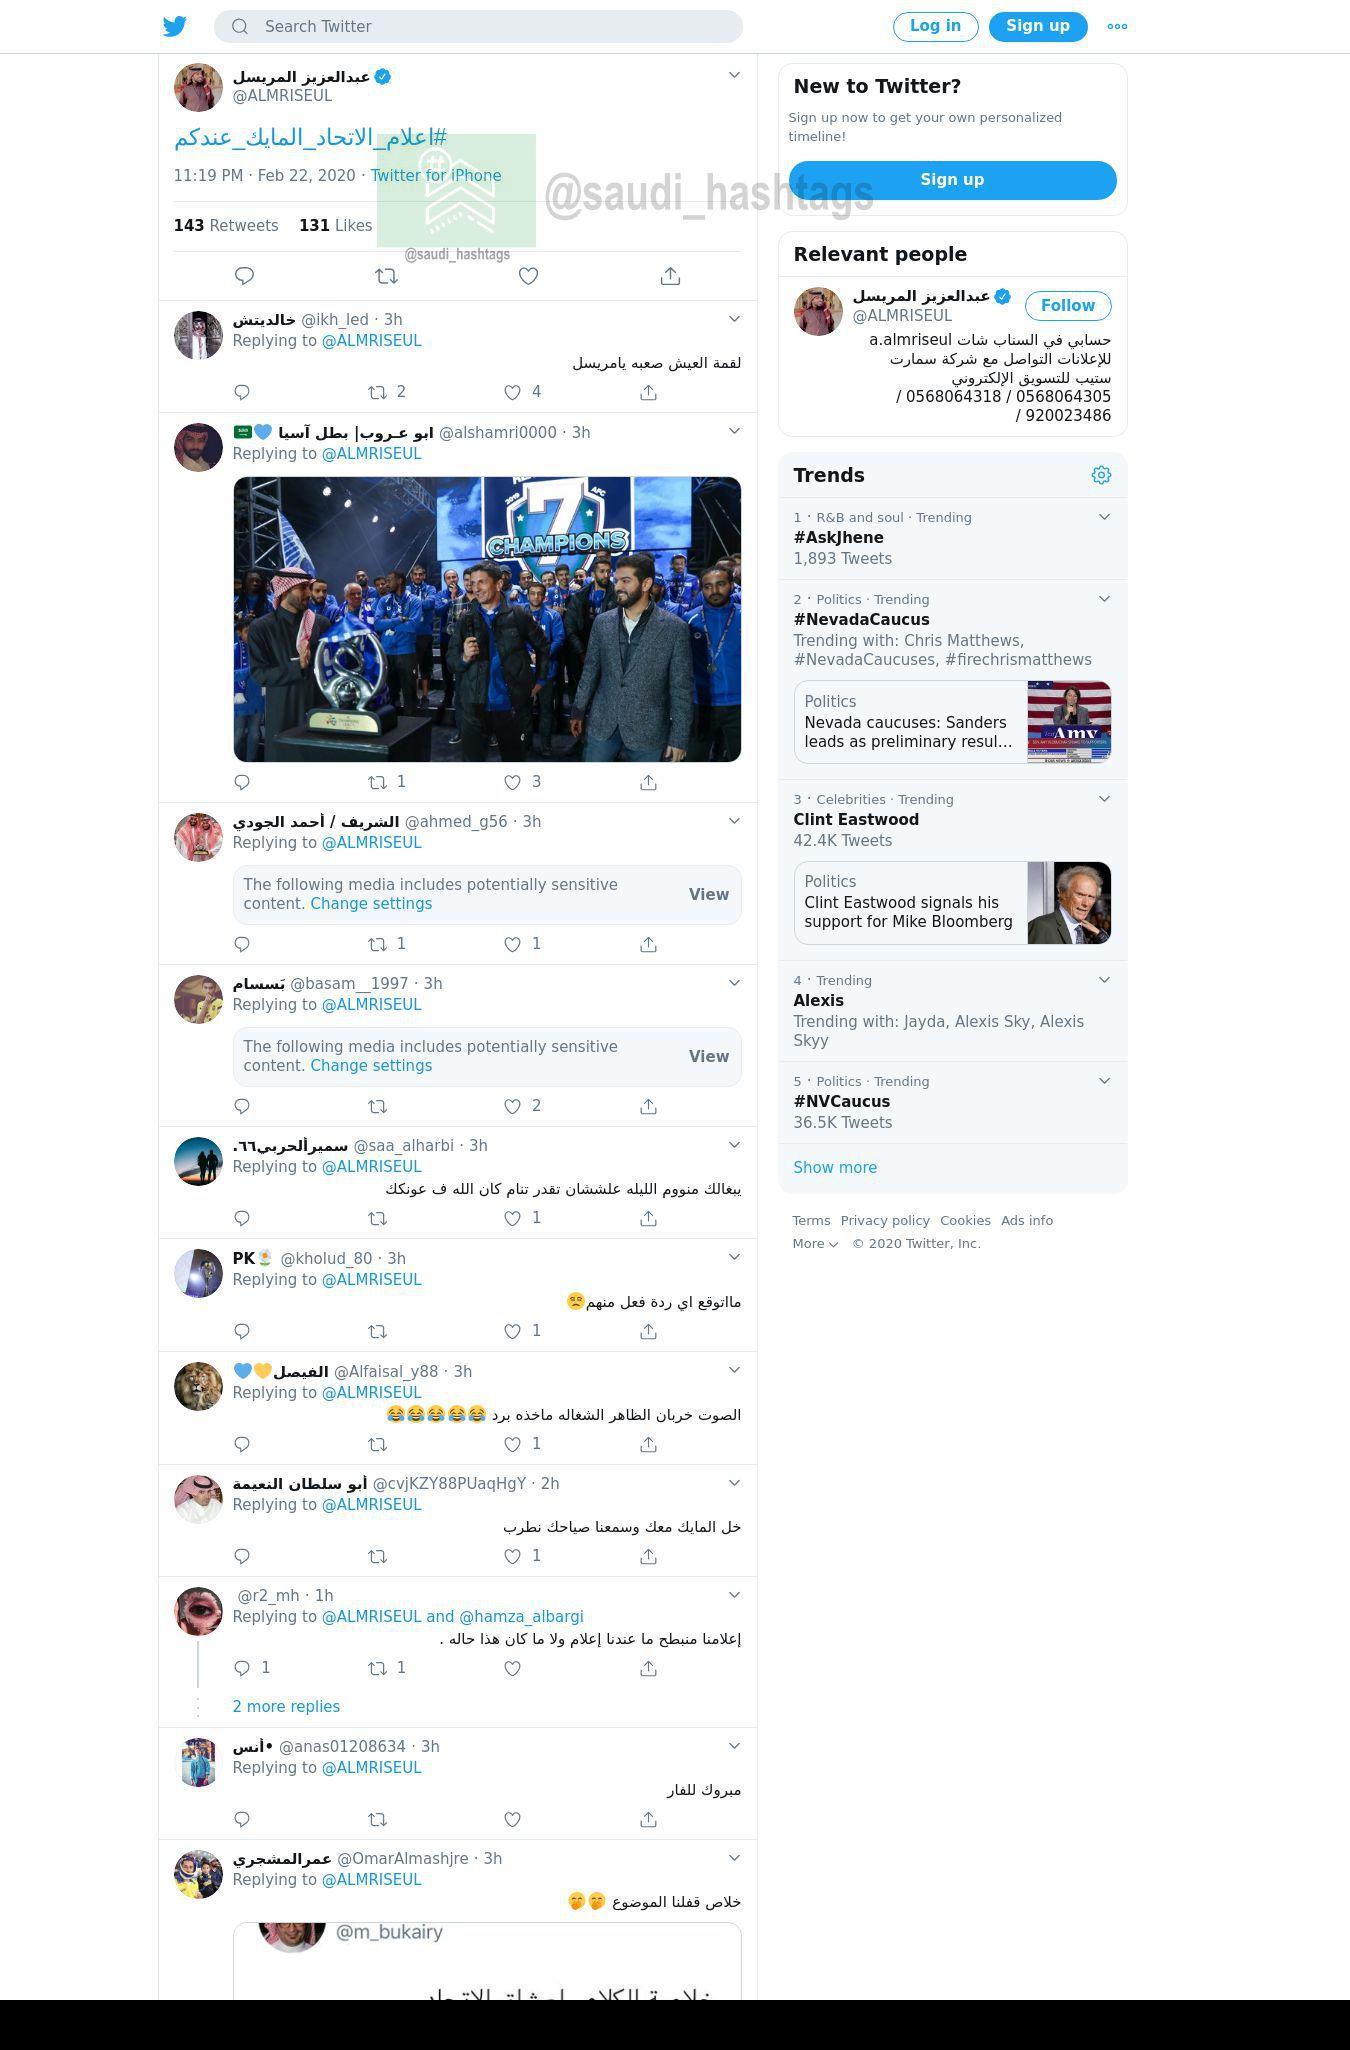 لقطة لاول تغريدة في هاشتاق #اعلام_الاتحاد_المايك_عندكم